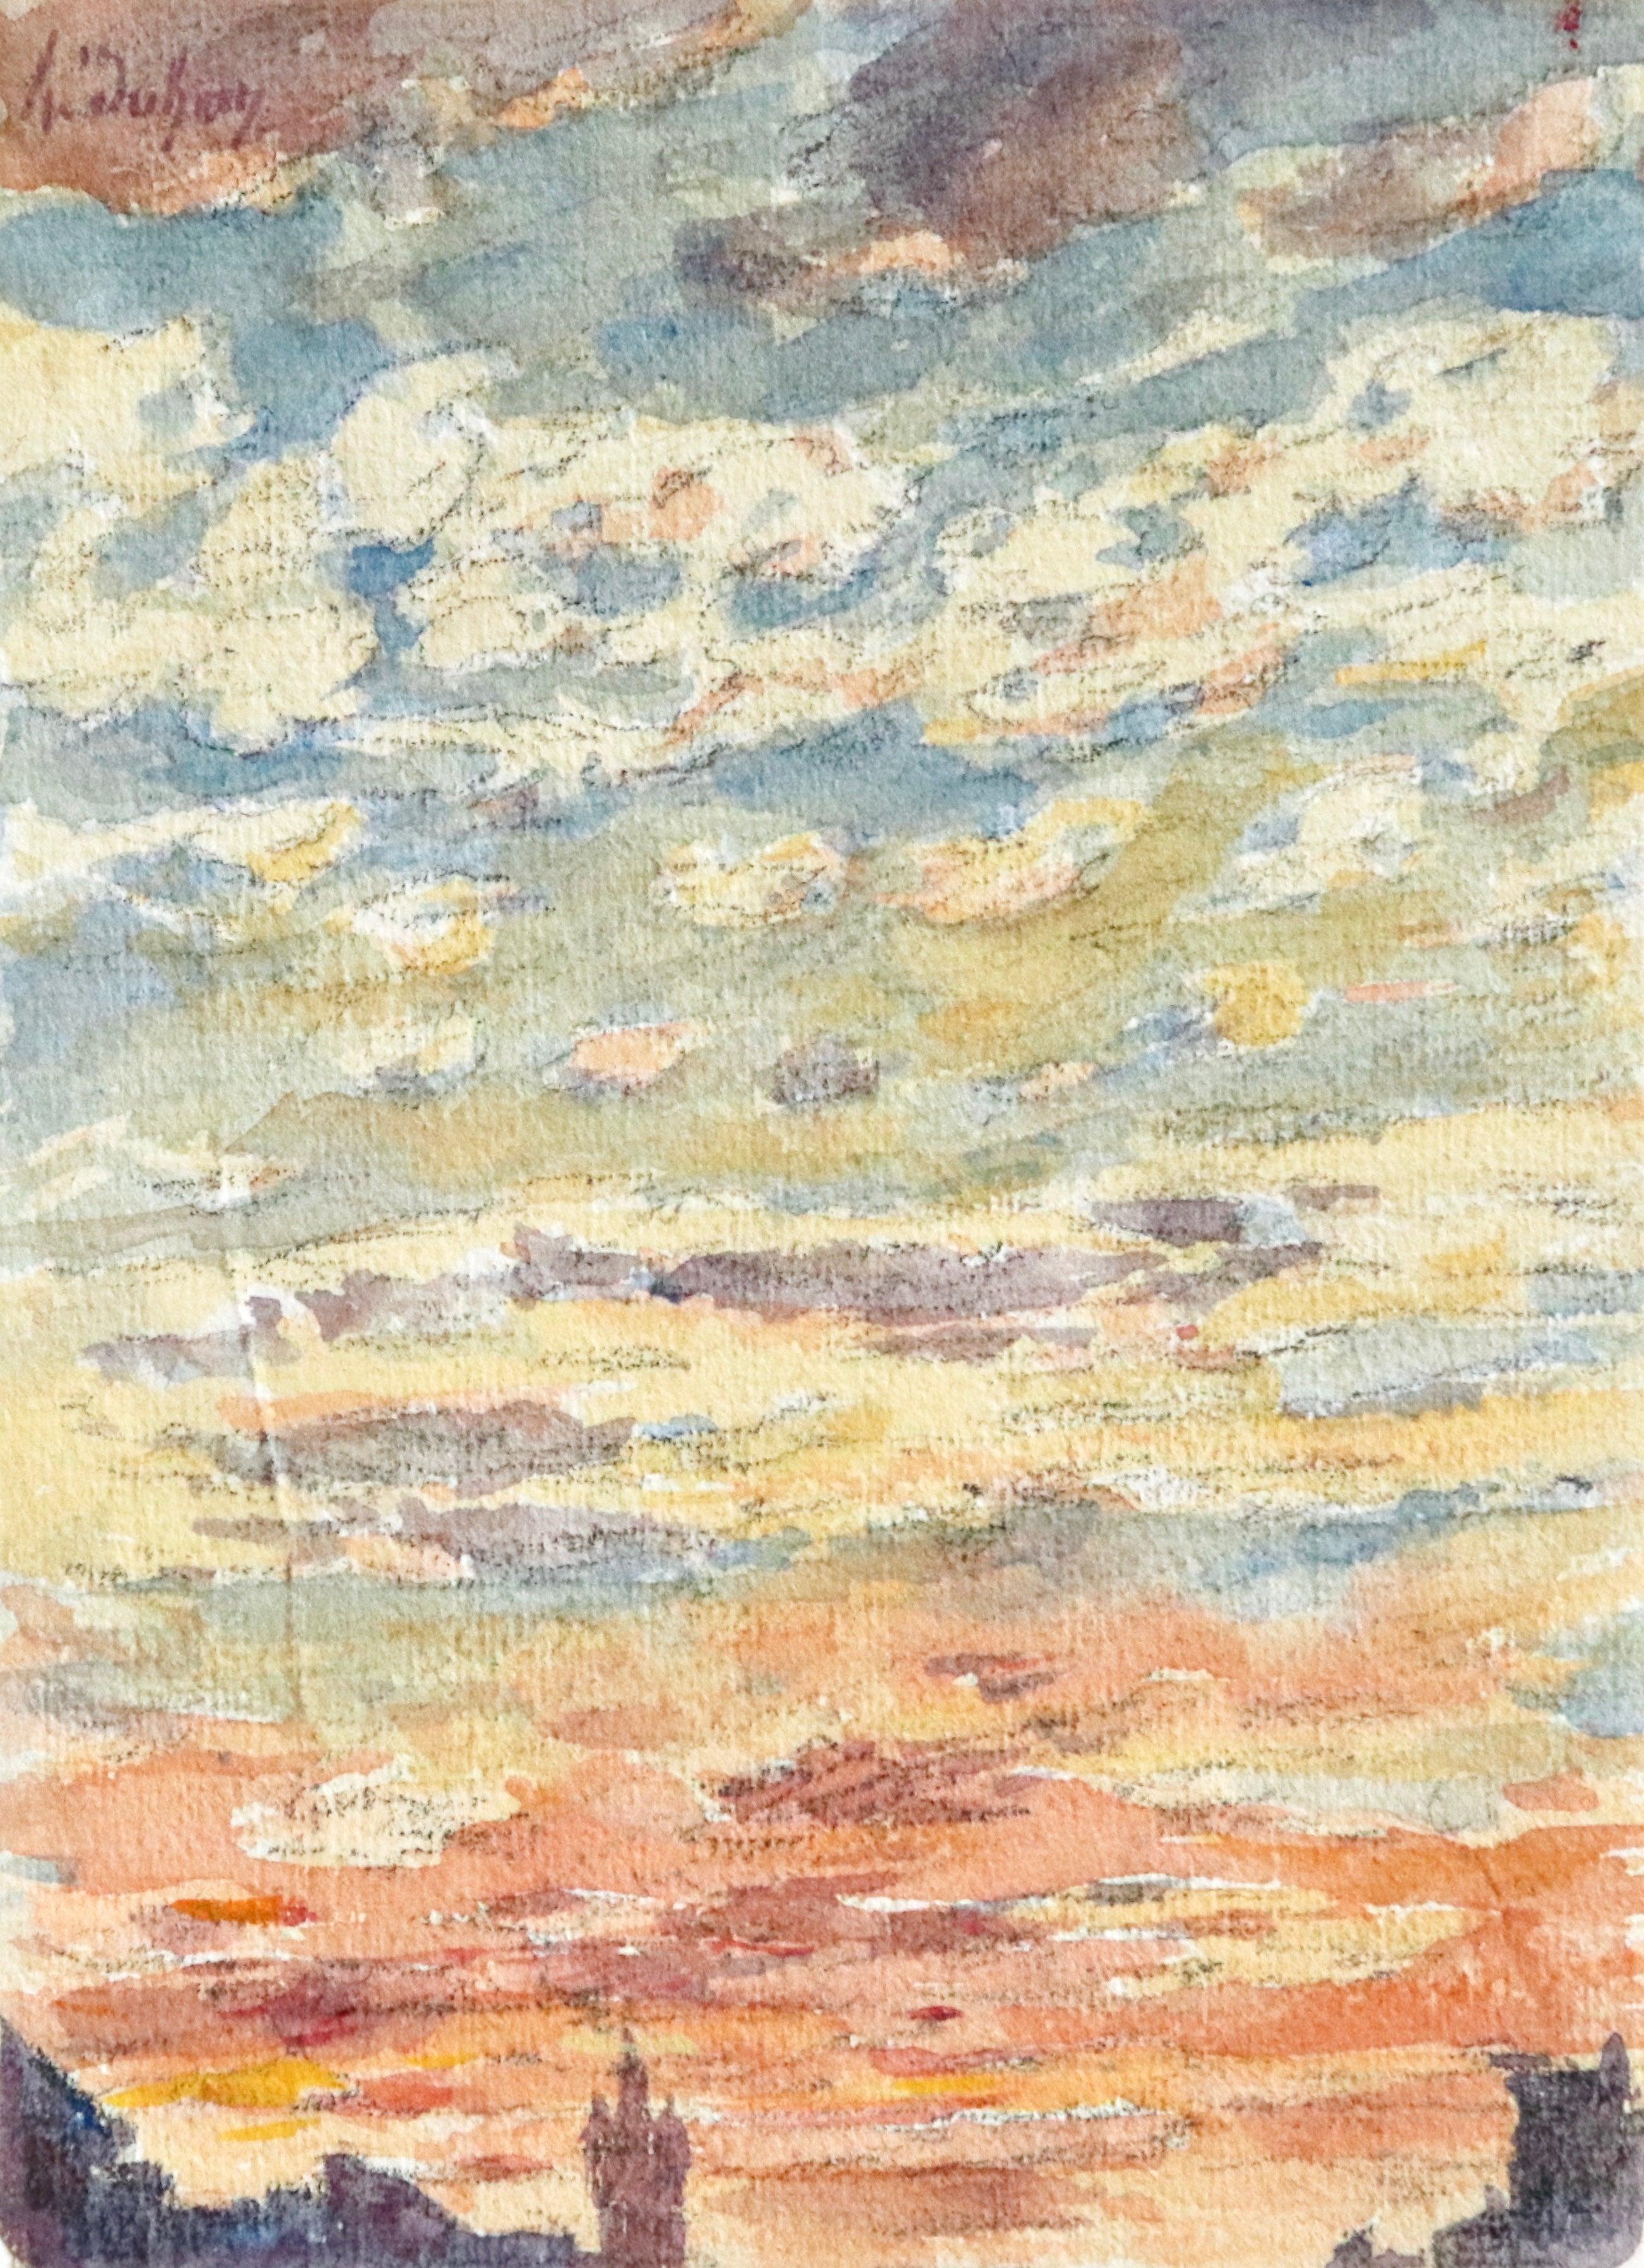 Coucher du Soleil - 19th Century Watercolor, Sunset Sky Landscape by Henri Duhem